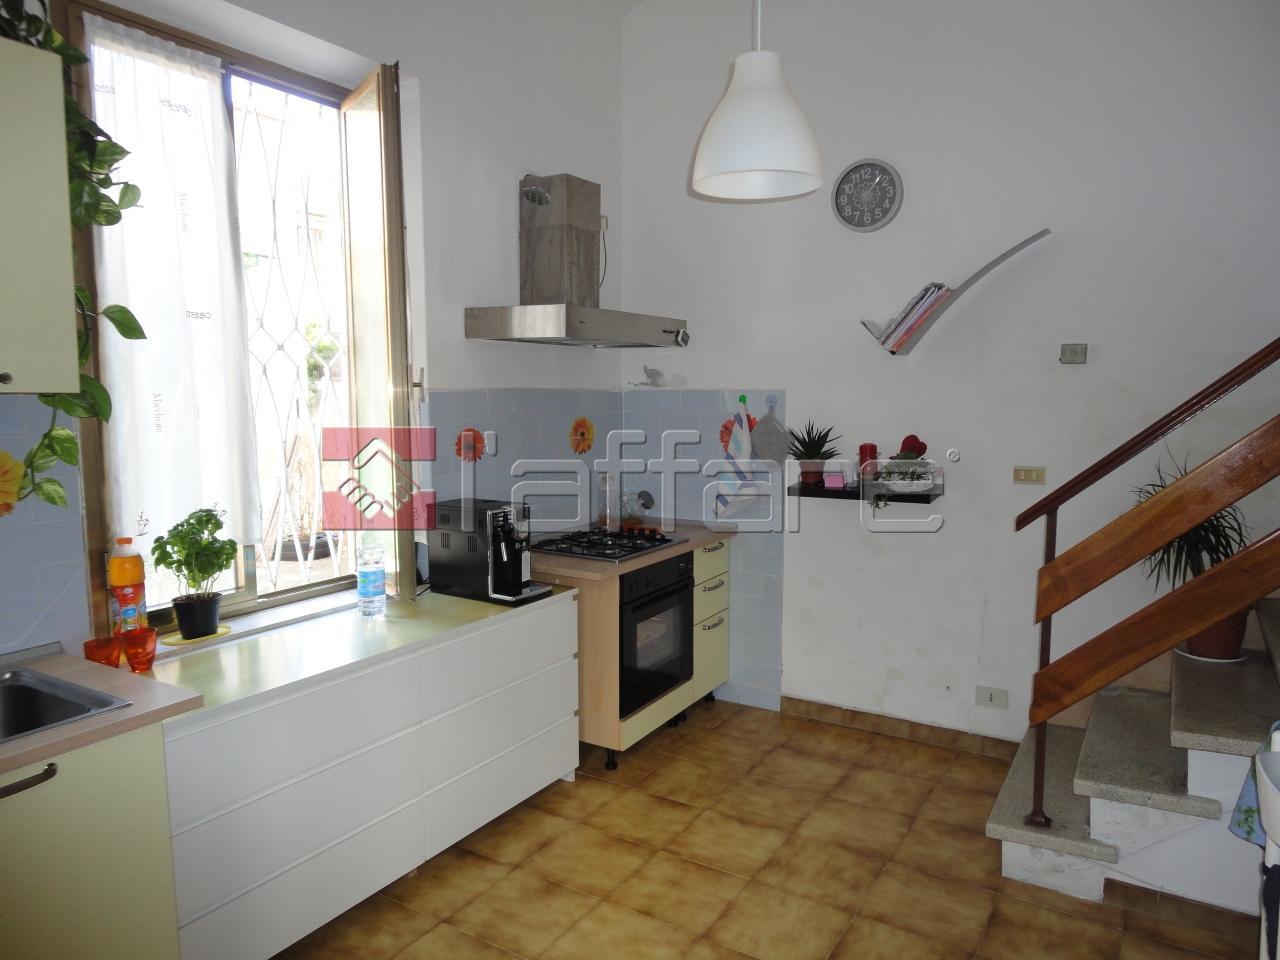 Appartamento in affitto a Crespina Lorenzana, 2 locali, prezzo € 400 | Cambio Casa.it